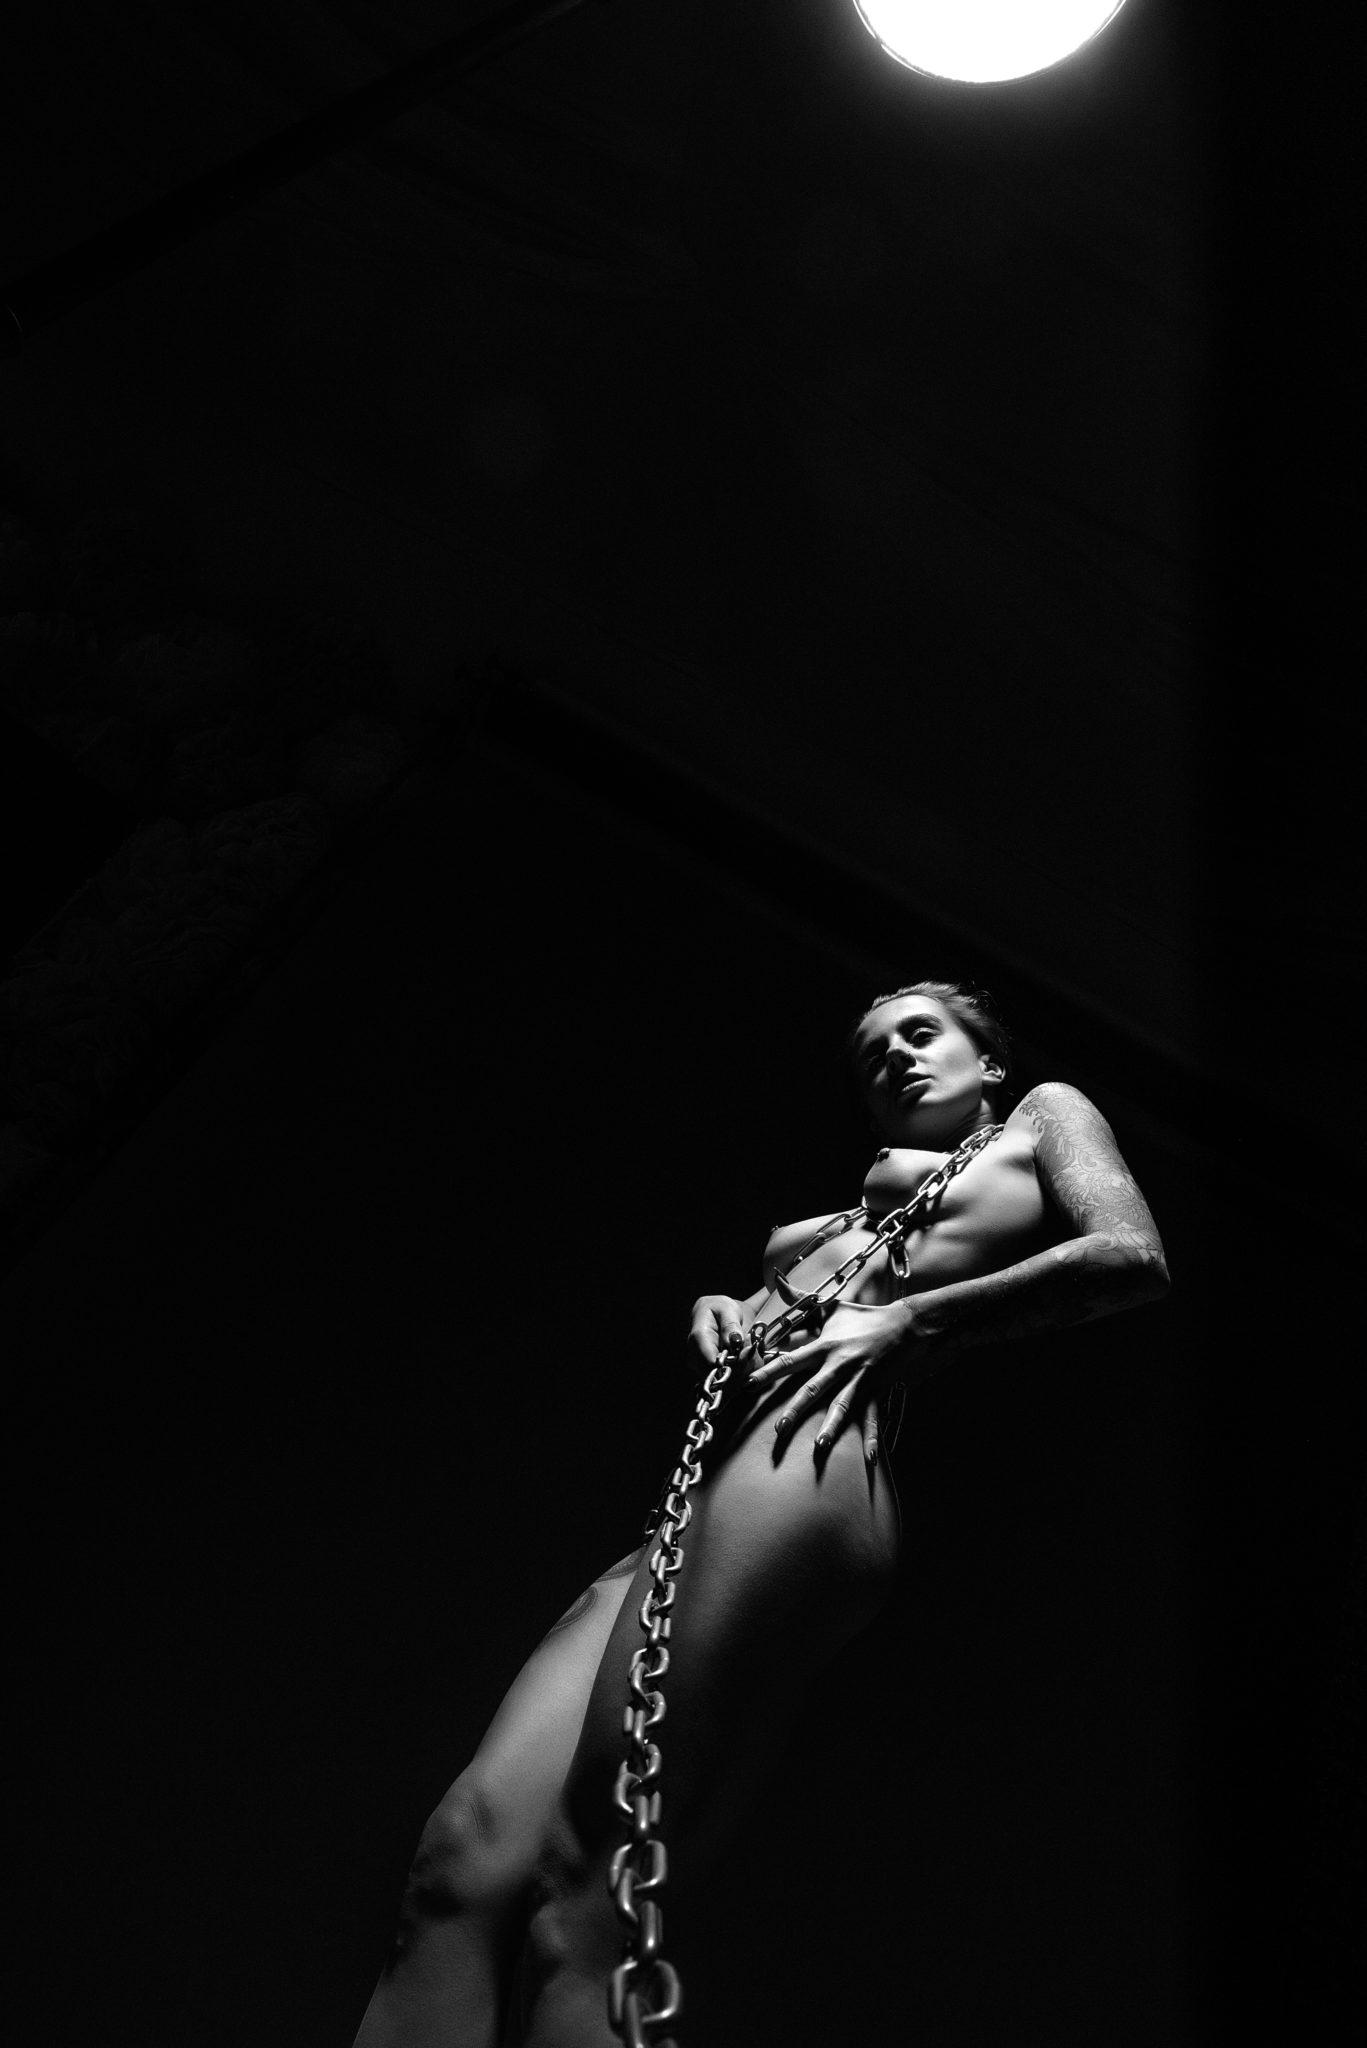 Портфолио ню фотосессии, фотограф Алиса Постниковой, модель Валерия Ионеску, обнаженная тянущая цепь, чб фото